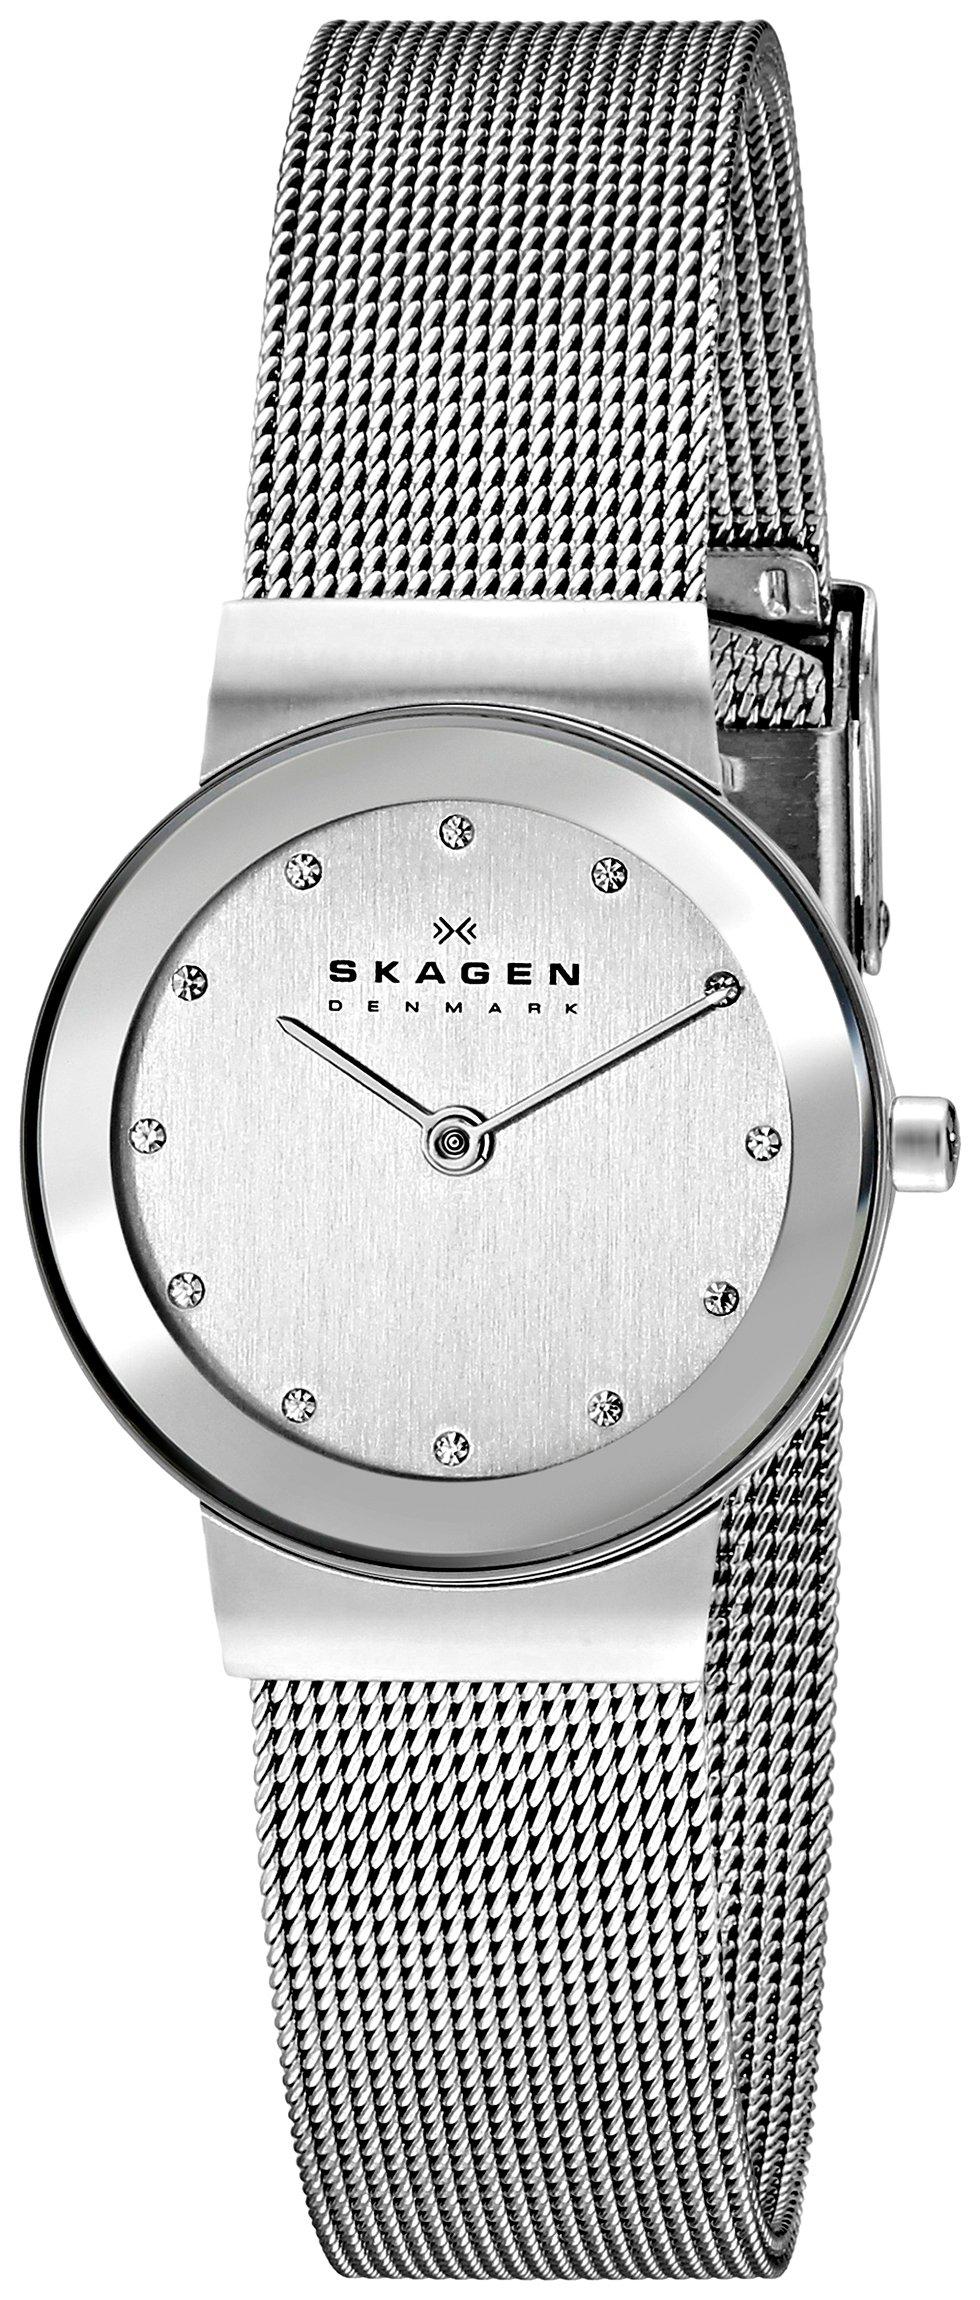 Skagen Women's Freja Quartz Stainless Steel Mesh Casual Watch, Color: Silver-Tone (Model: 358SSSD)